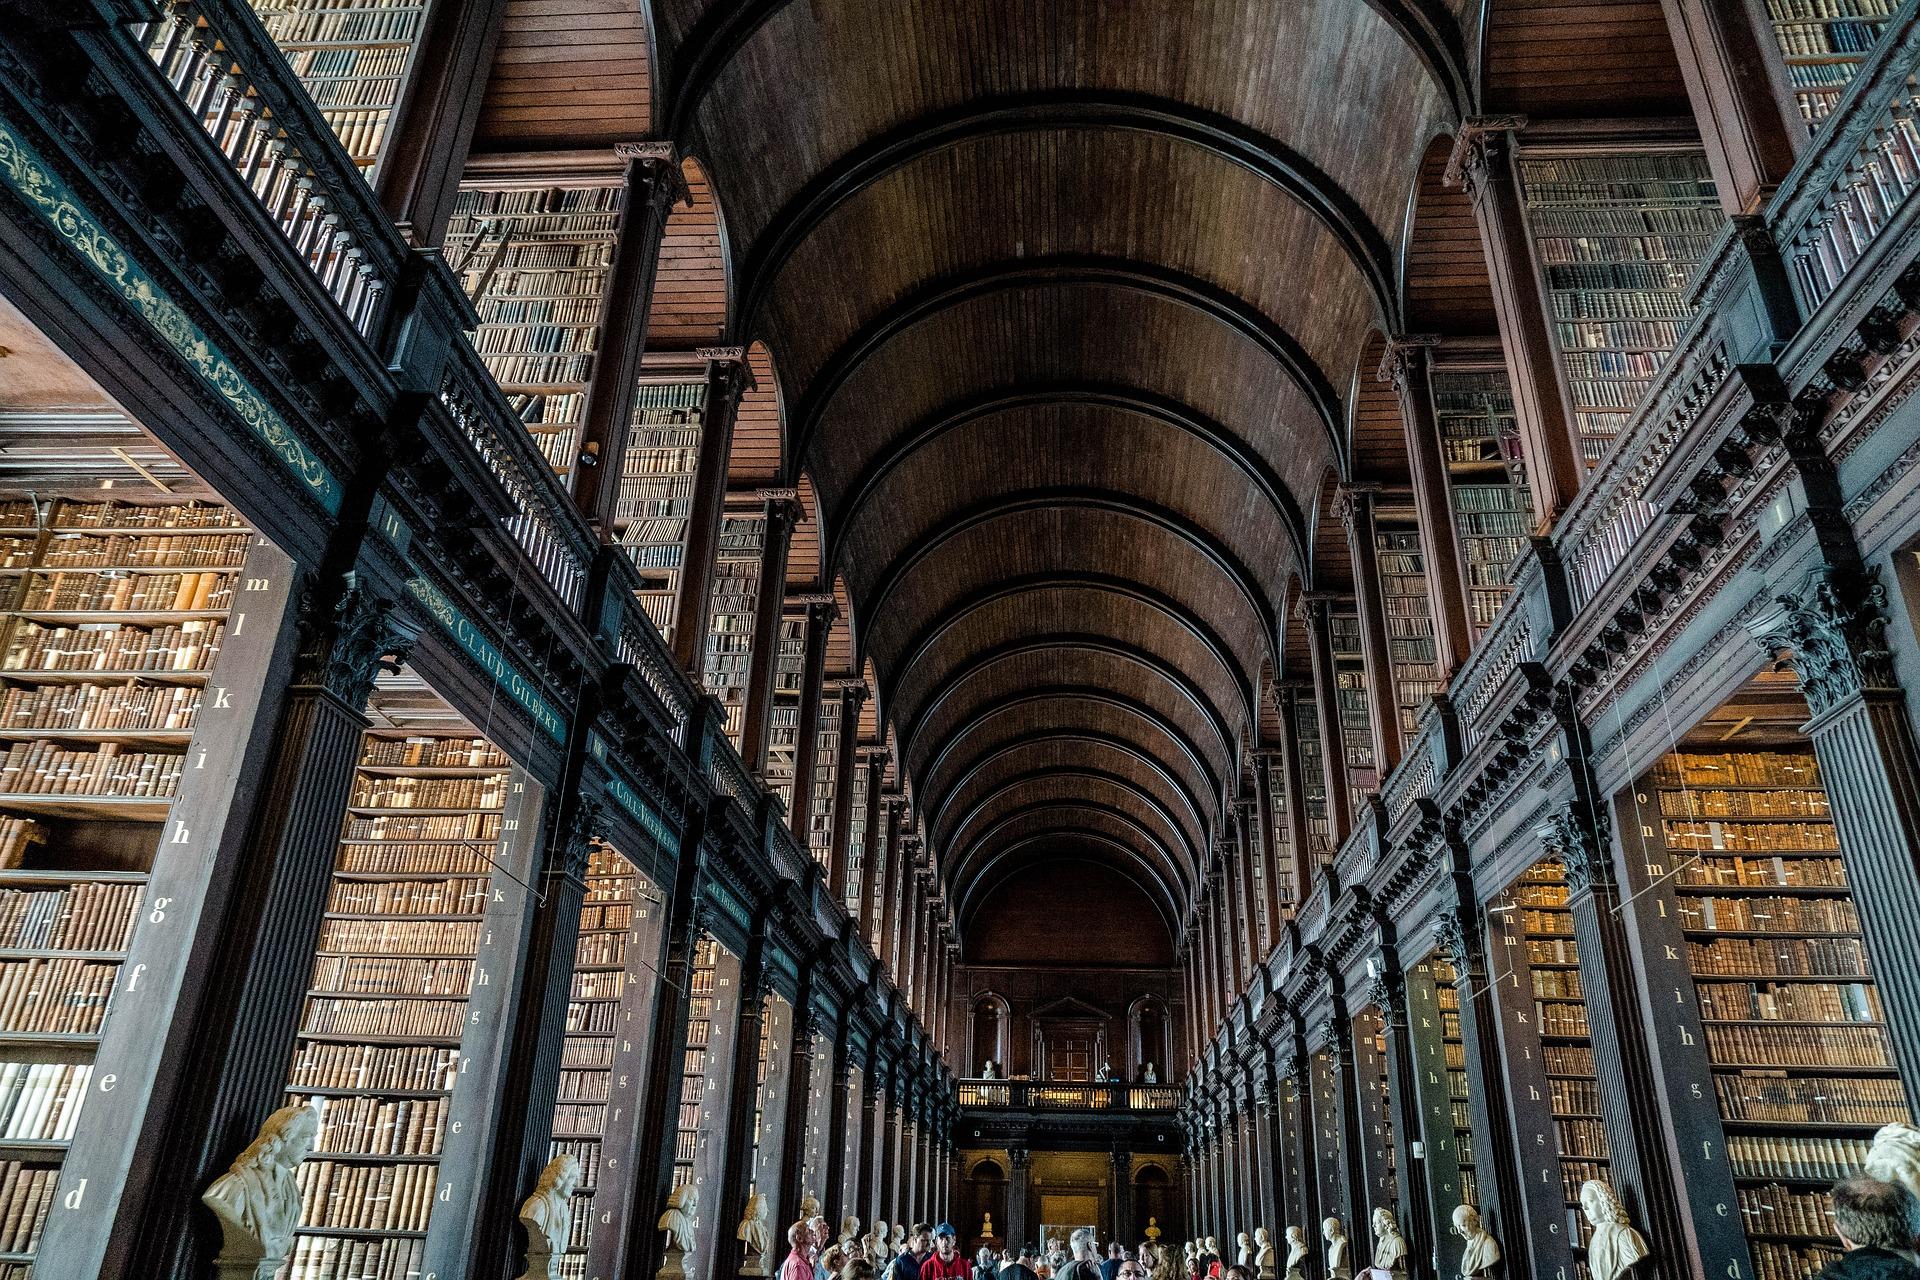 Тринити колидж библиотека